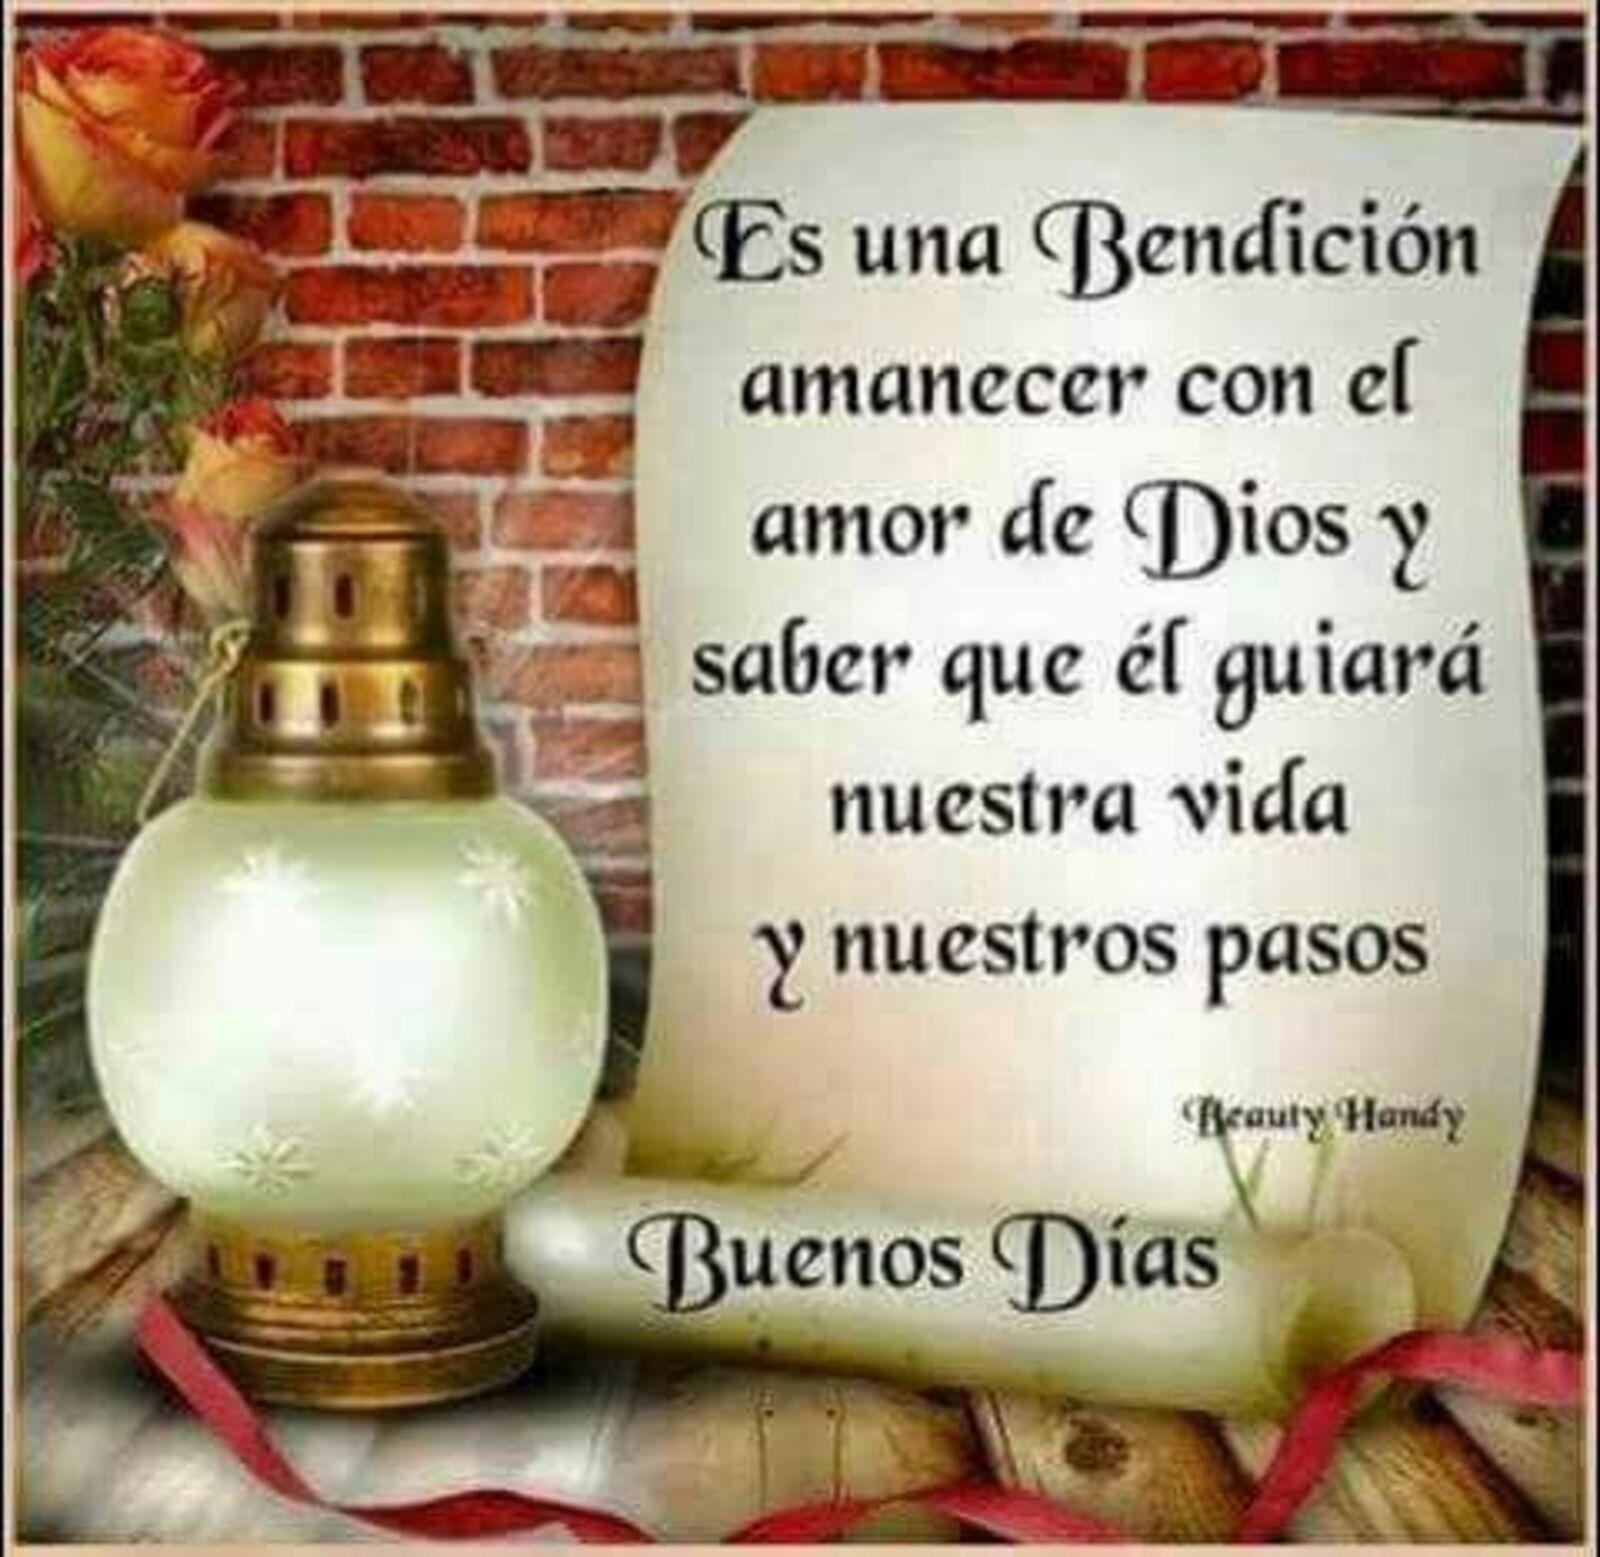 Es una bendición amanecer con el amor de Dios y saber que él guiará nuestra vida y nuestros pasos. Buenos días